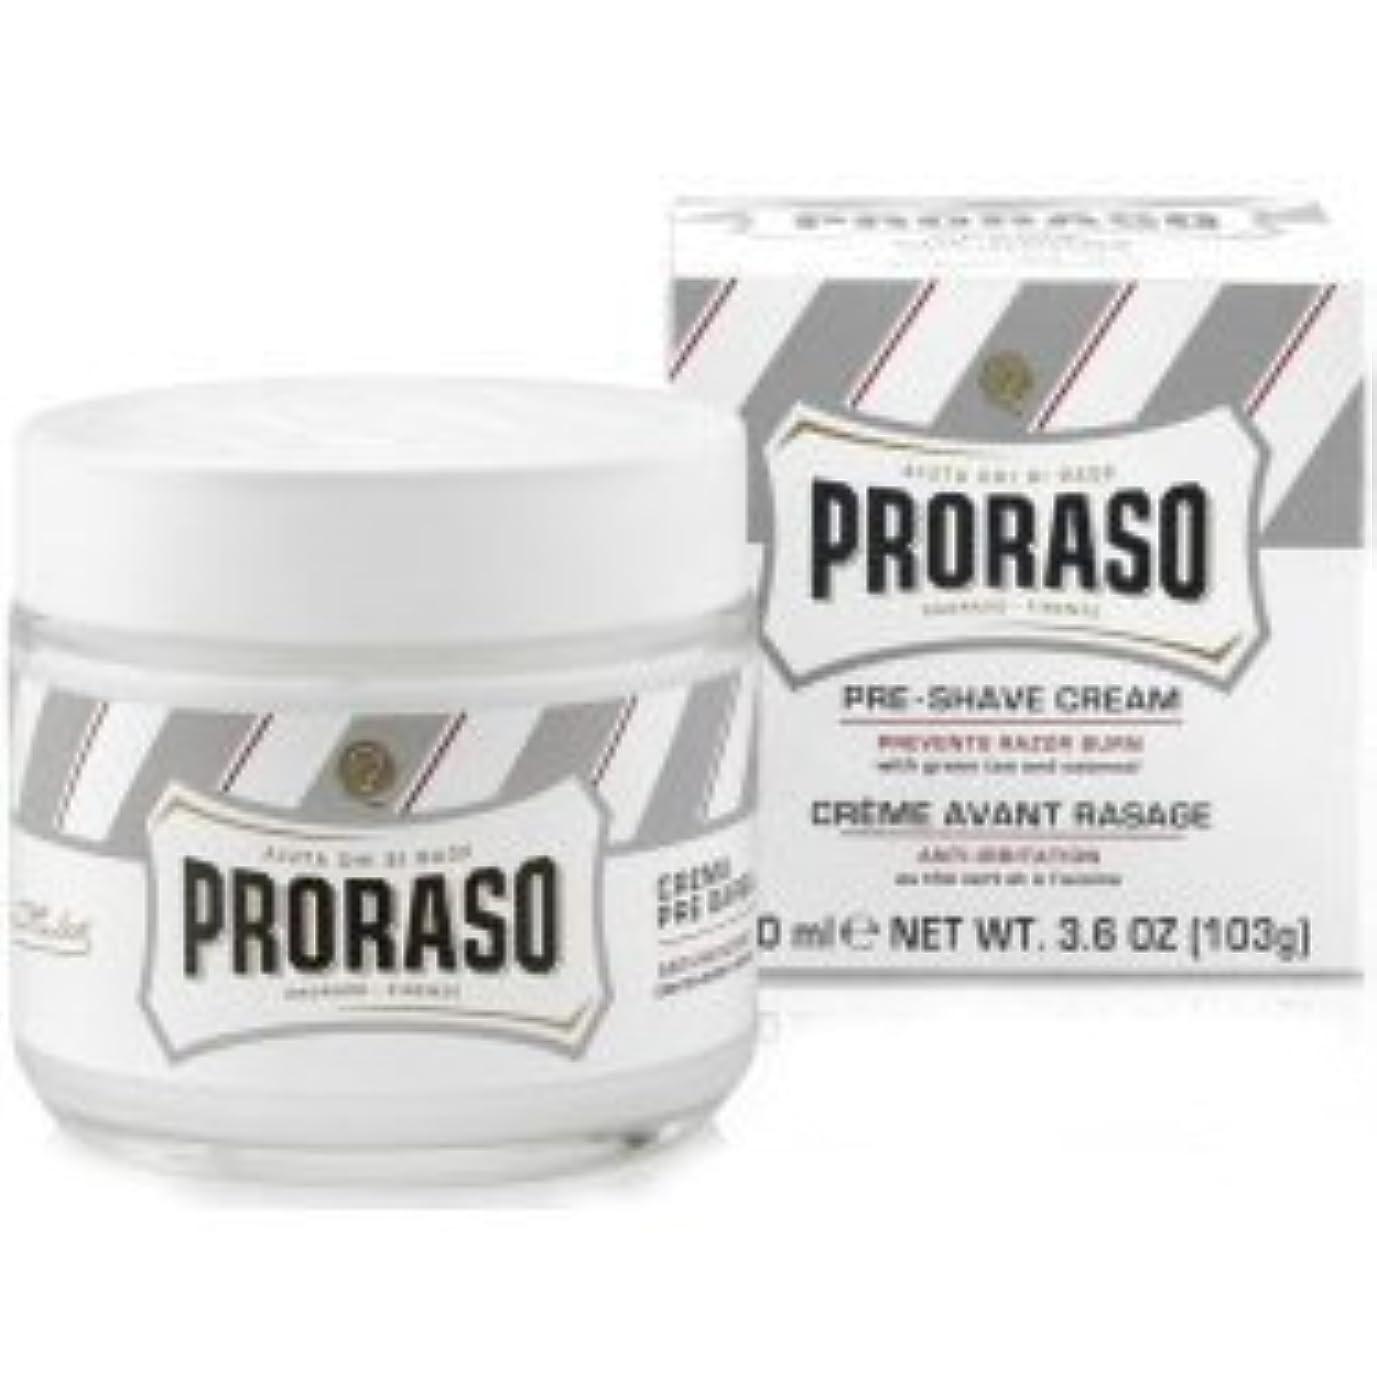 より良い焦がす増幅器Proraso Pre & Post Shave Cream Sensitive Skin 100ml by Proraso [並行輸入品]